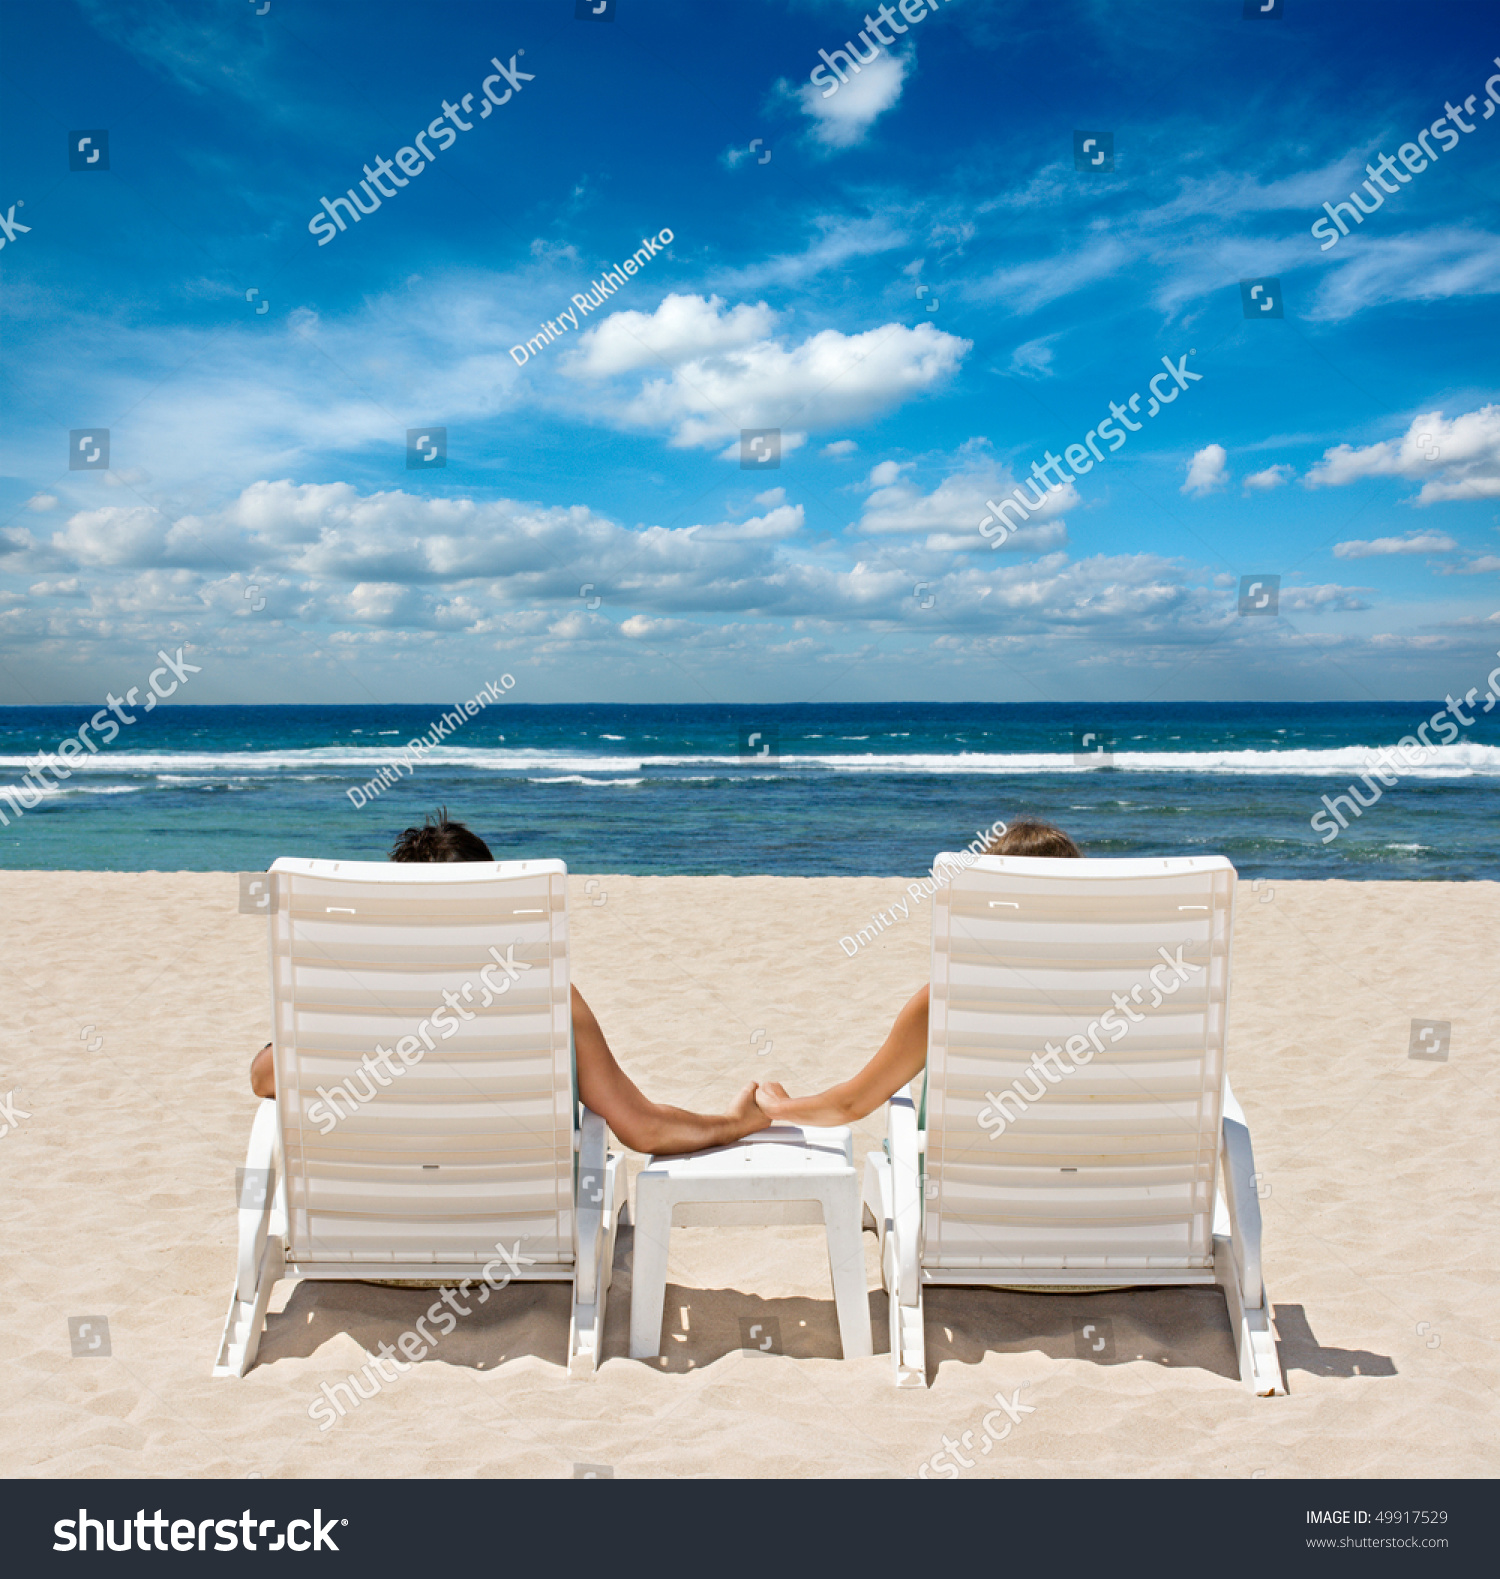 Honeymoon Couple Sunbathing In Beach Chairs